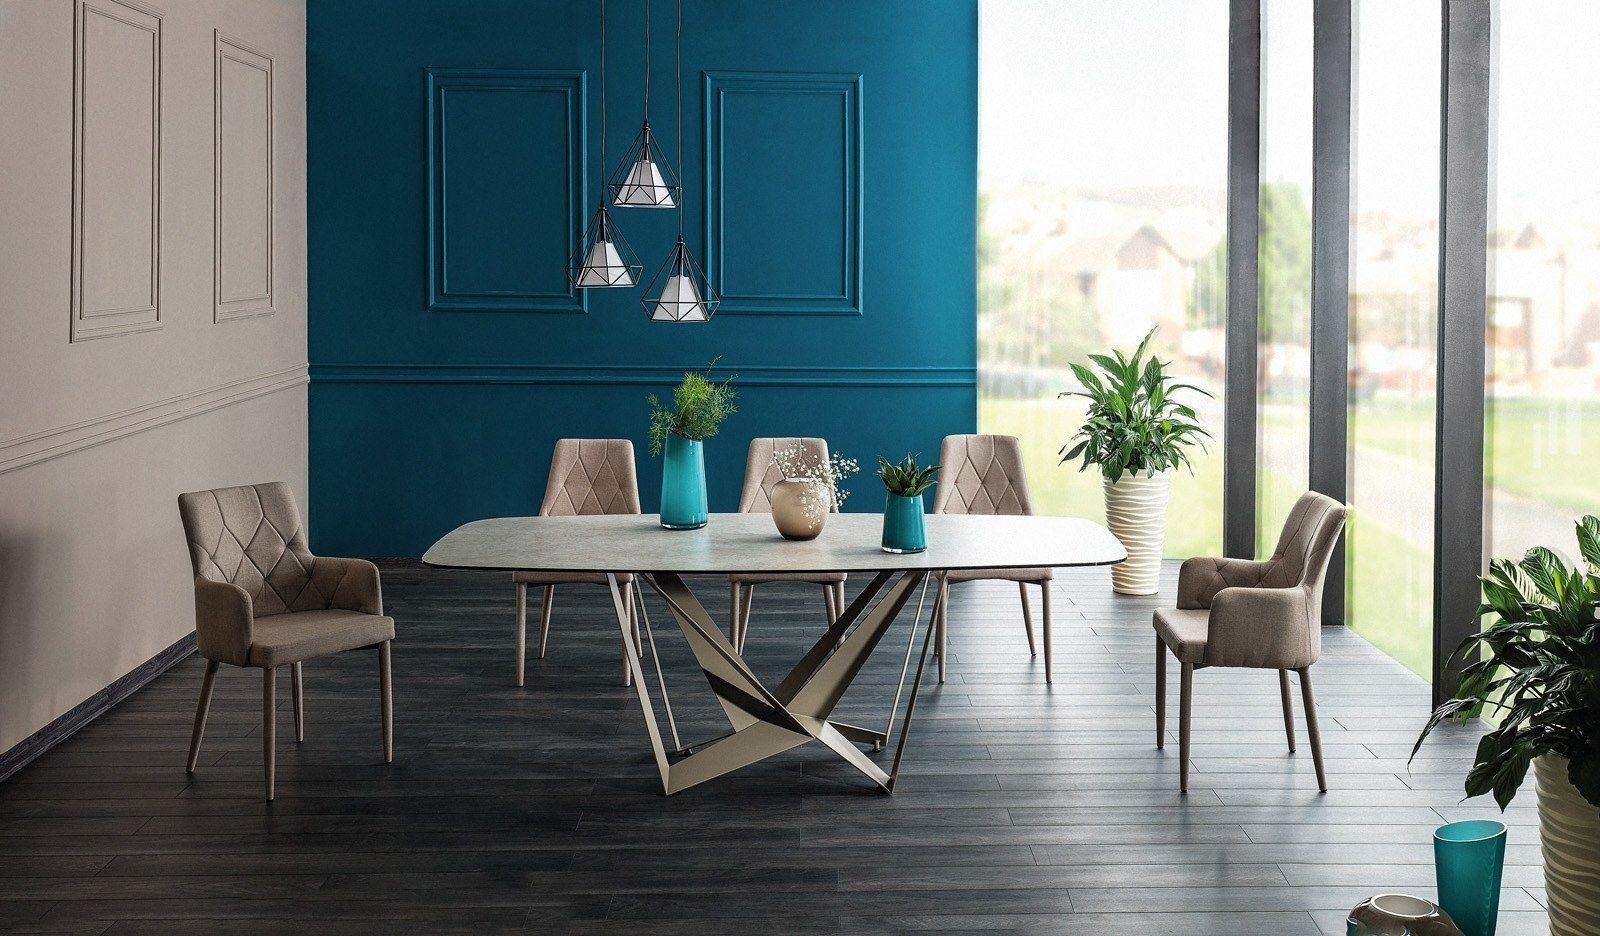 Esstisch Manhattan modern mit edlen Metallfuß und Glas-Tischplatte im Marmoreffekt.